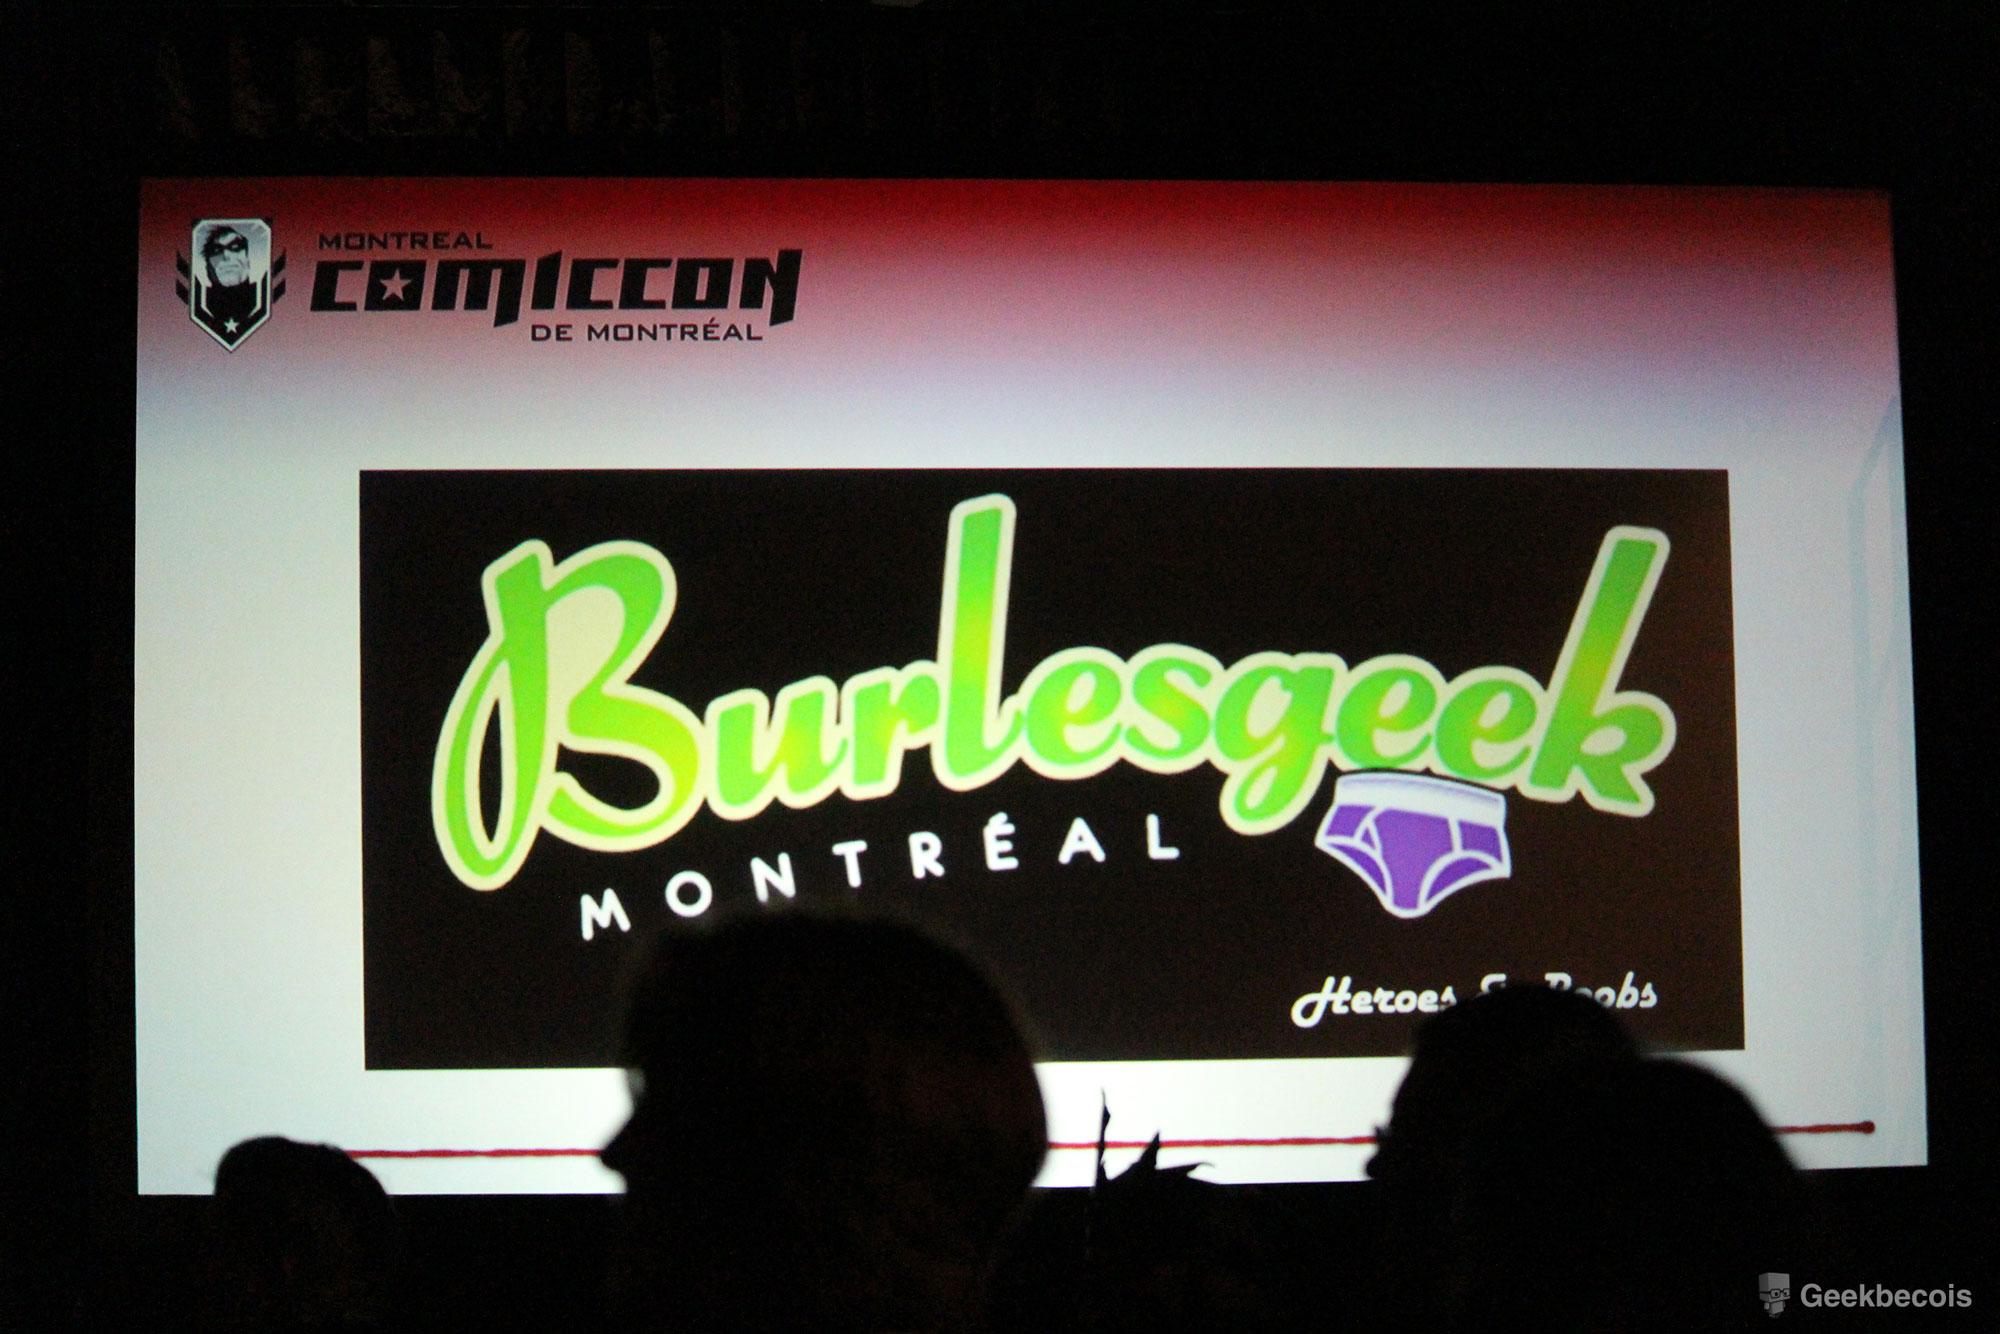 Comiccon de Montréal 2018 - Geekbecois - Burlesgeek